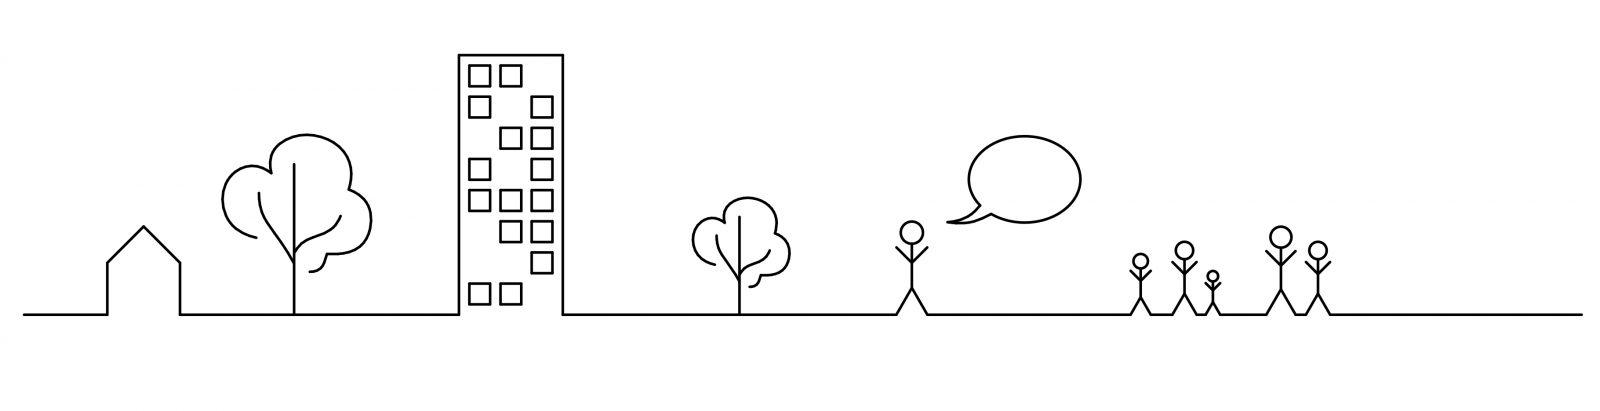 Silhouette Architekturkommunikation zwischen Gestalter und Nutzer